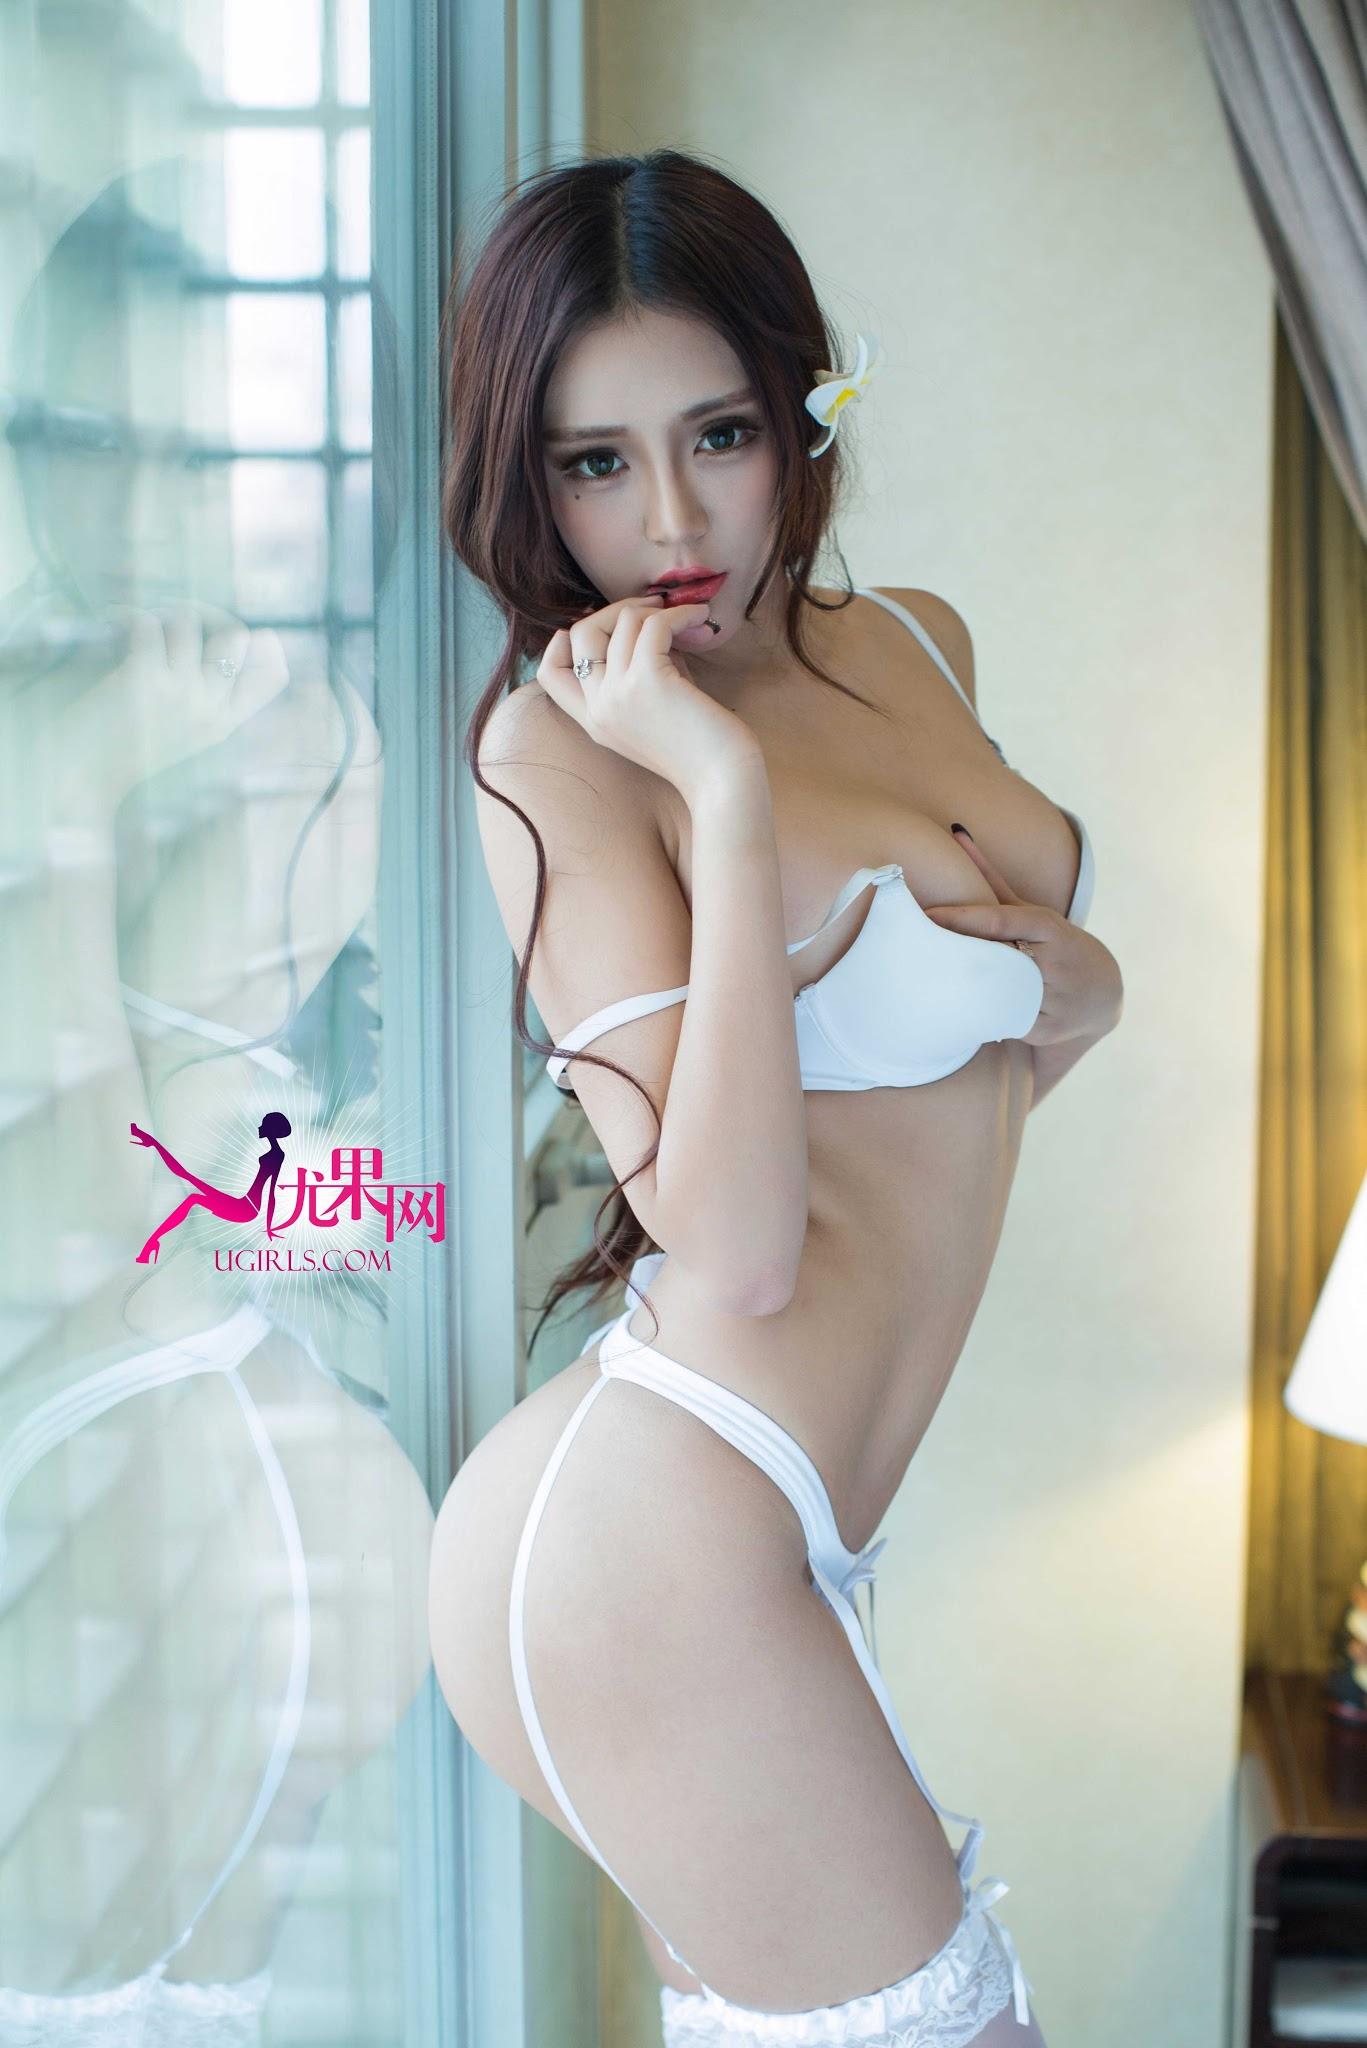 Molly Zhu Ying 朱赢 Naked Babe Part II @ ugirls 尤果网 ...